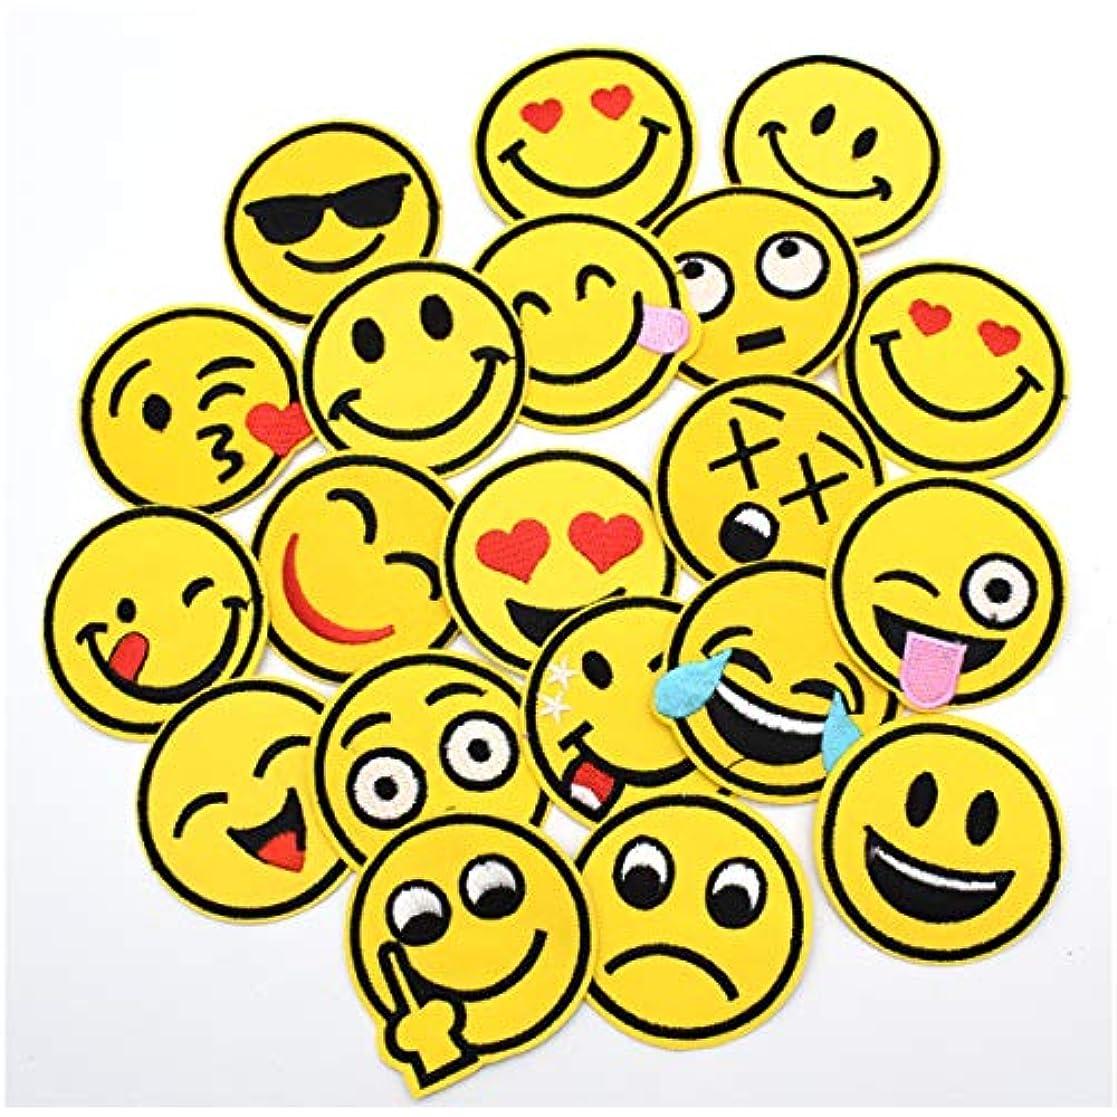 おとうさん湿地一目Lilor 20枚 ワッペン アップリケ アイロンワッペン 刺繍 ワッペンEmoji スマイリーフェイス 笑顔パッチ DIY(直径5.2cm)